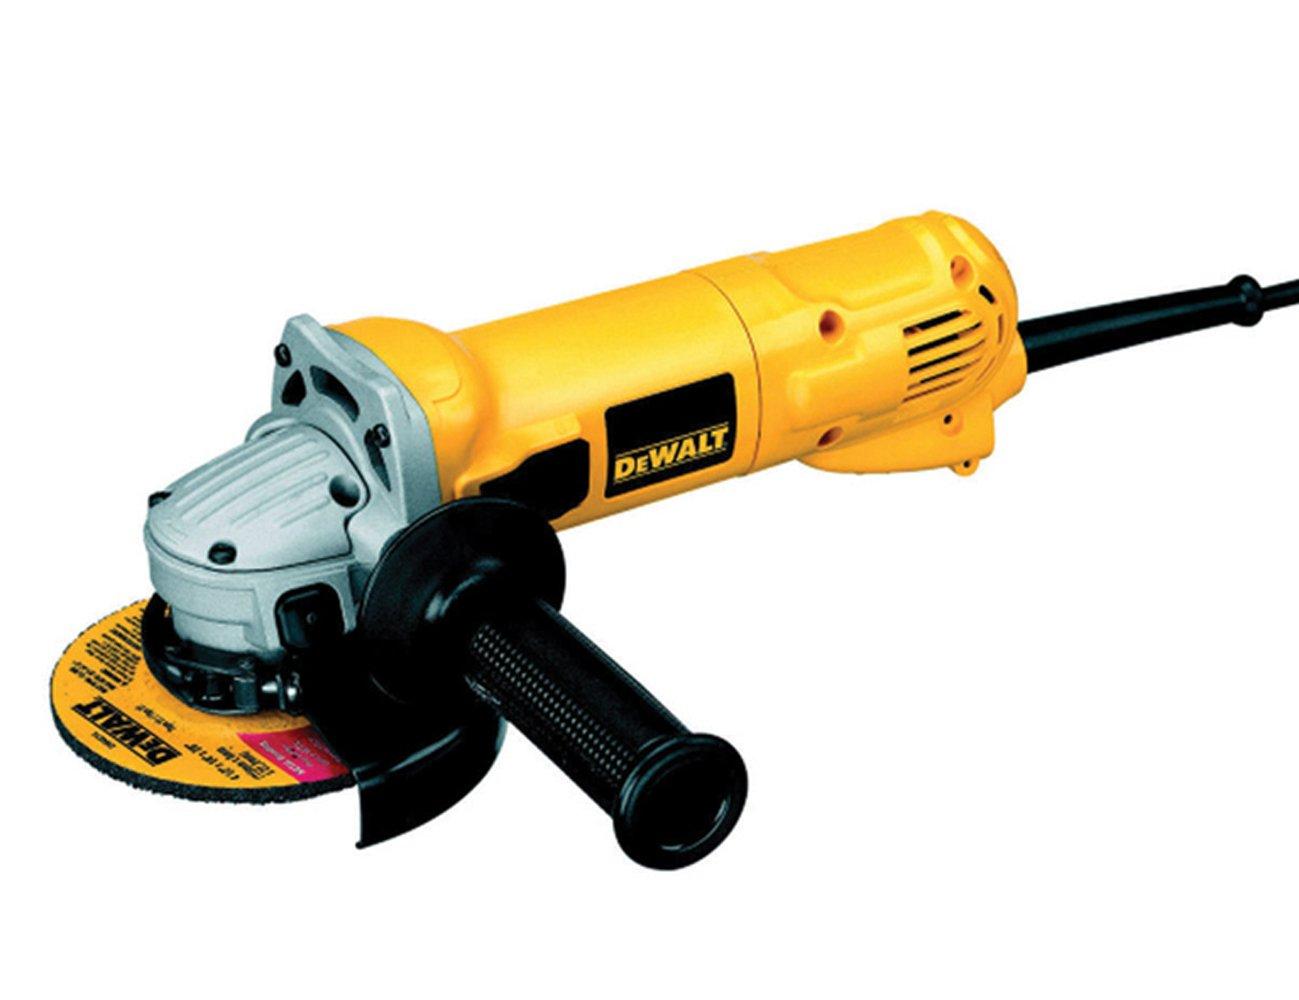 DeWalt D28134 D28134 Professioneller Winkelschleifer 125 mm, 1.100 Watt  BaumarktKundenbewertungen